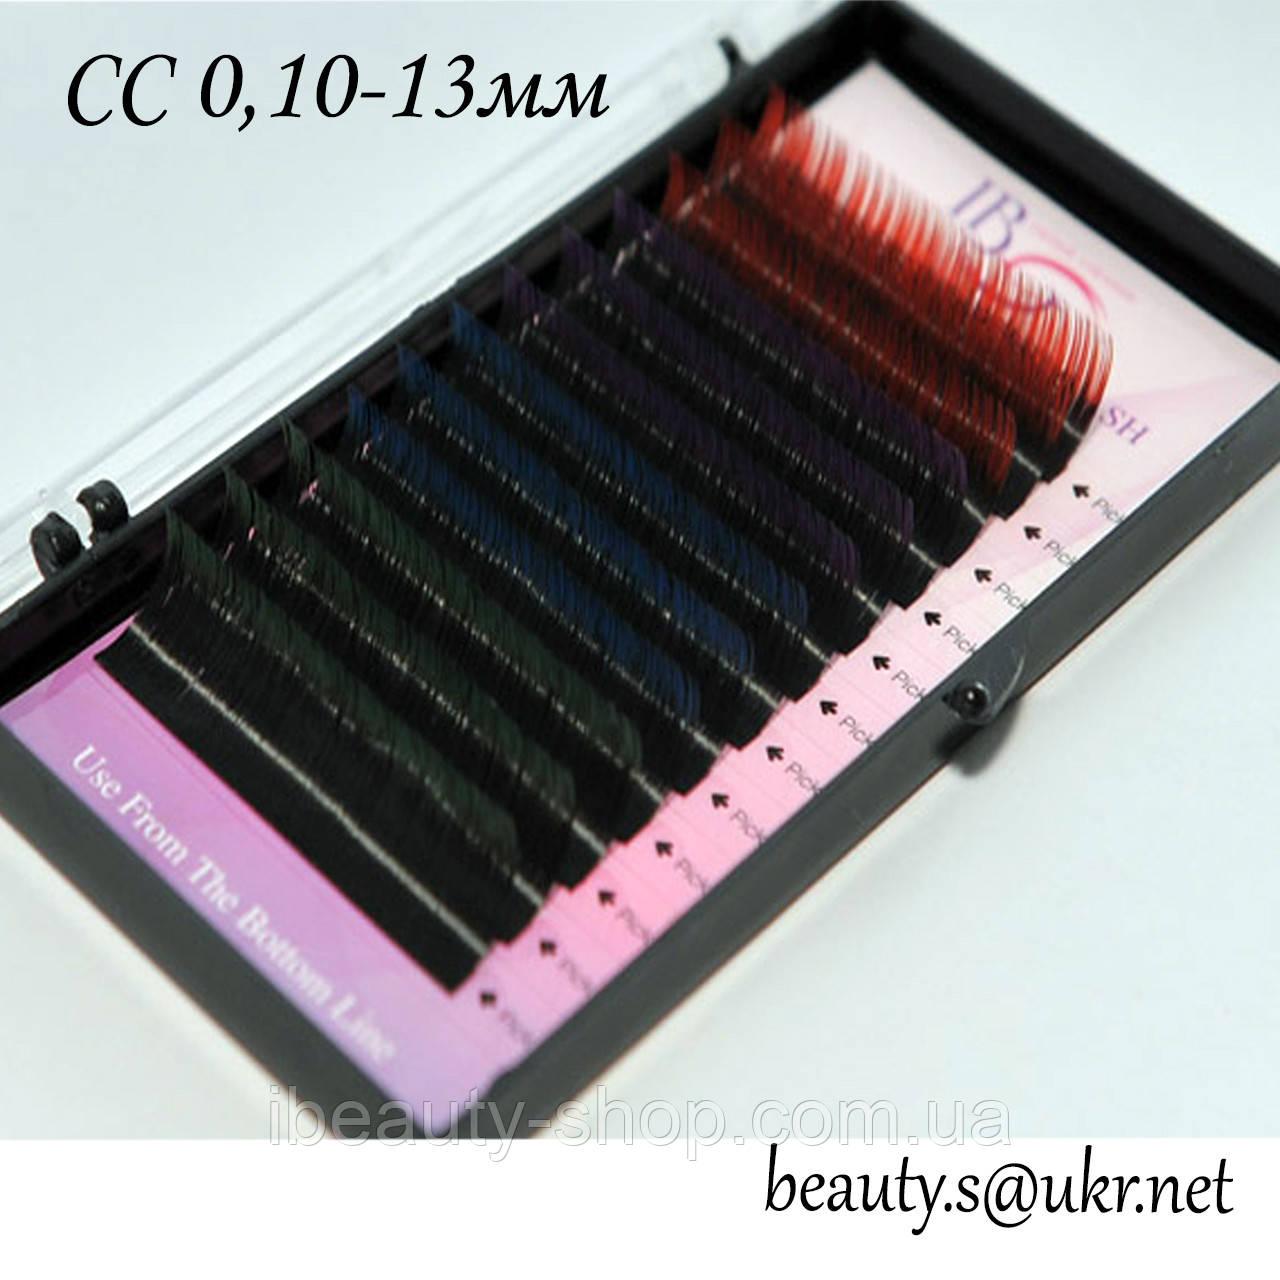 Ресницы I-Beauty, CC 0,10-13мм,цветные концы,4 цвета